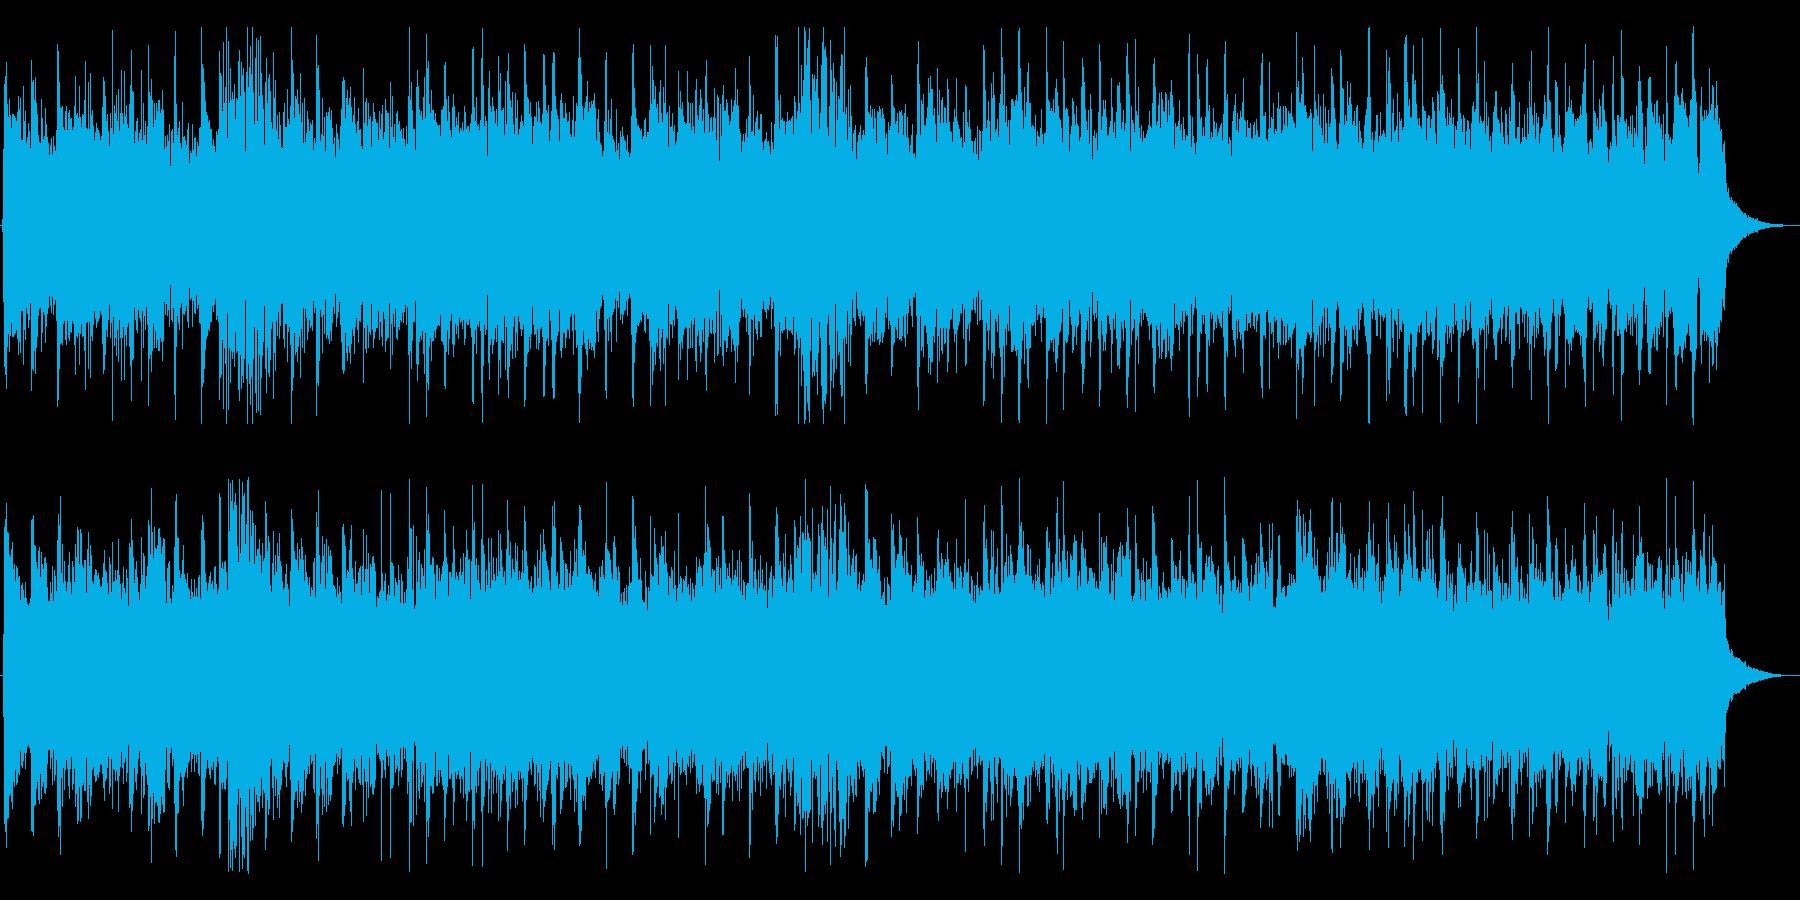 ハードロック#1/オープニング/入場の再生済みの波形